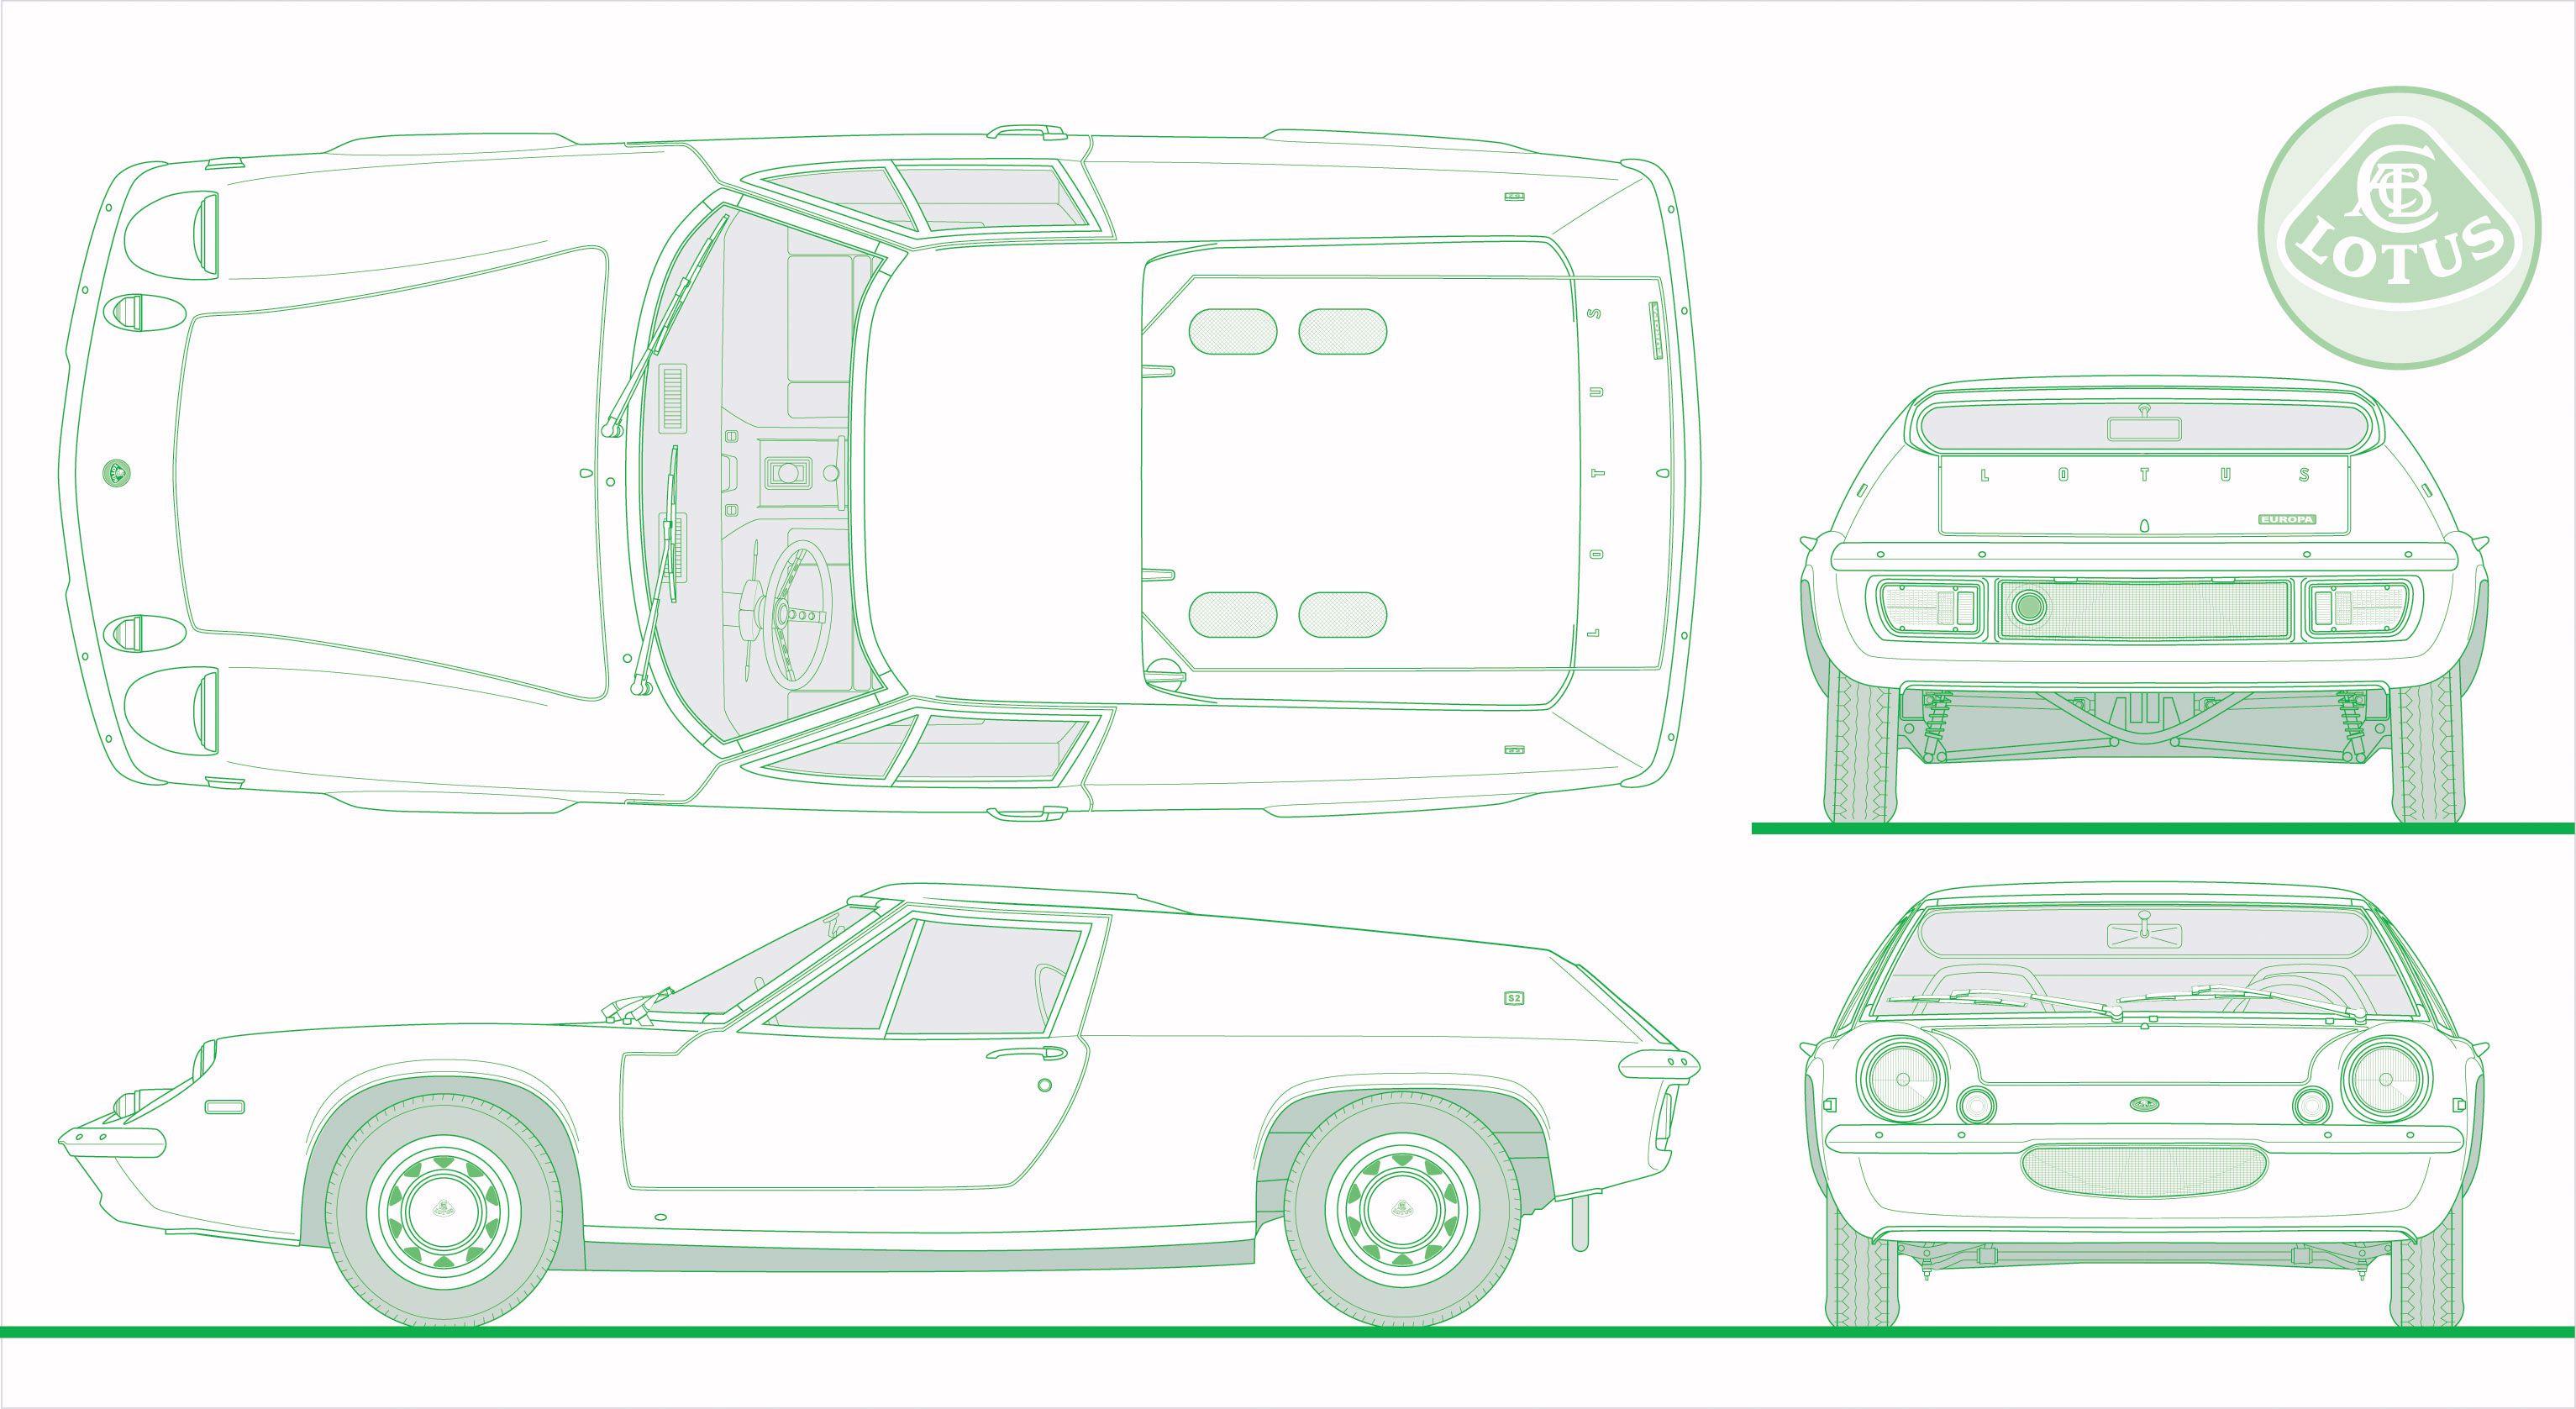 Lotus Europa Master Documentation Menu Caravan Wiring Diagram Type 54 Drawing